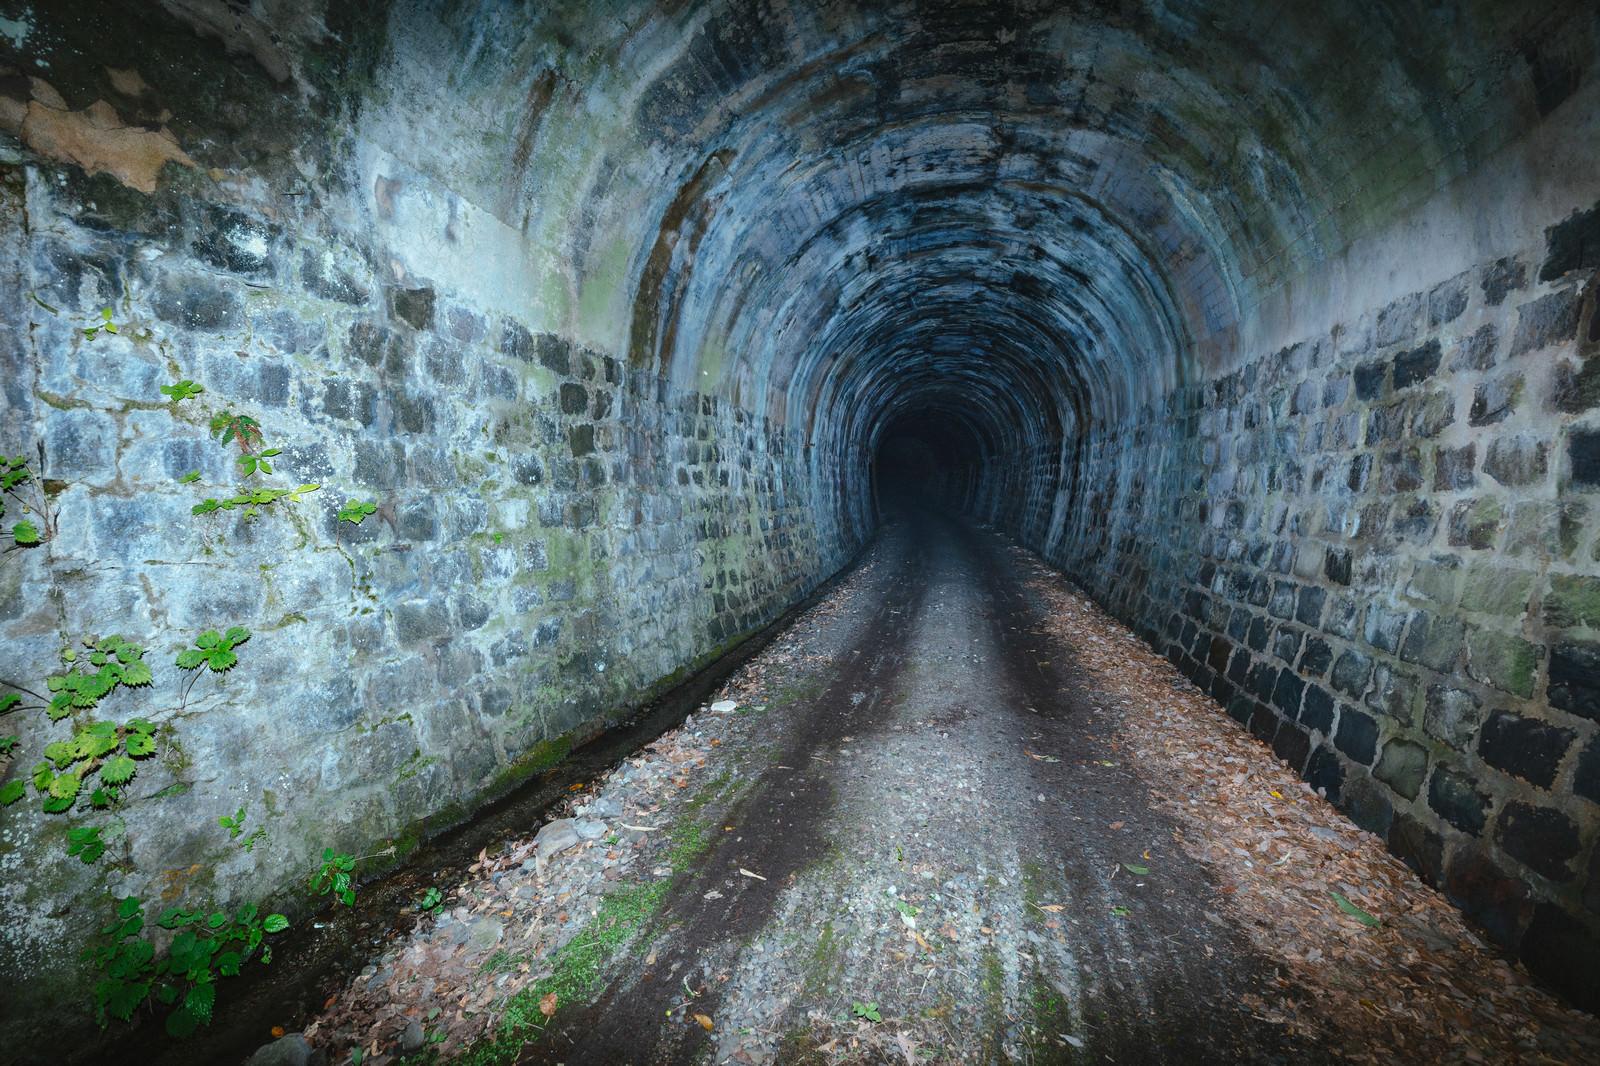 「電灯のない使われていないトンネル   写真の無料素材・フリー素材 - ぱくたそ」の写真